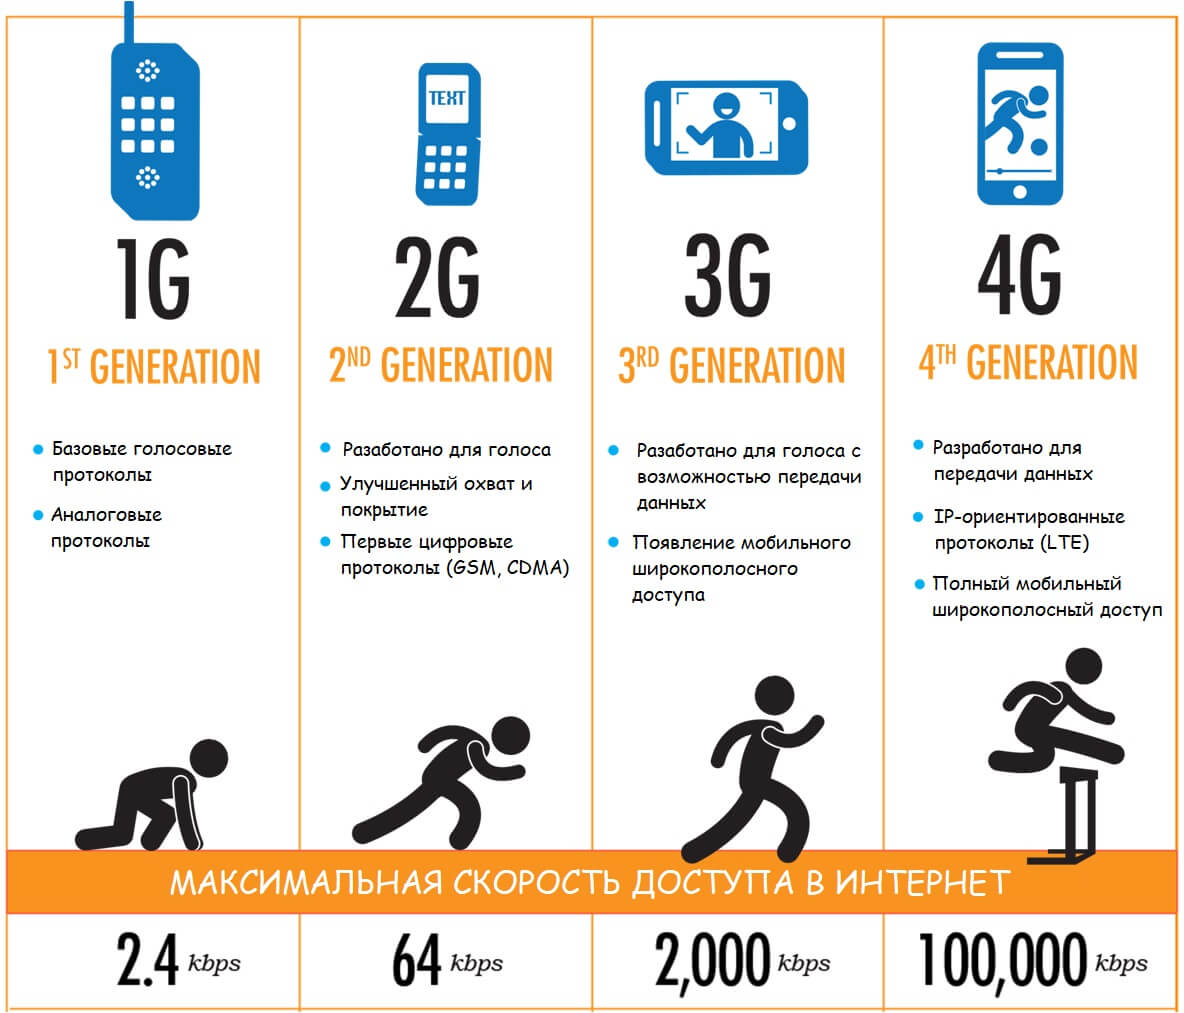 Поколения мобильной связи